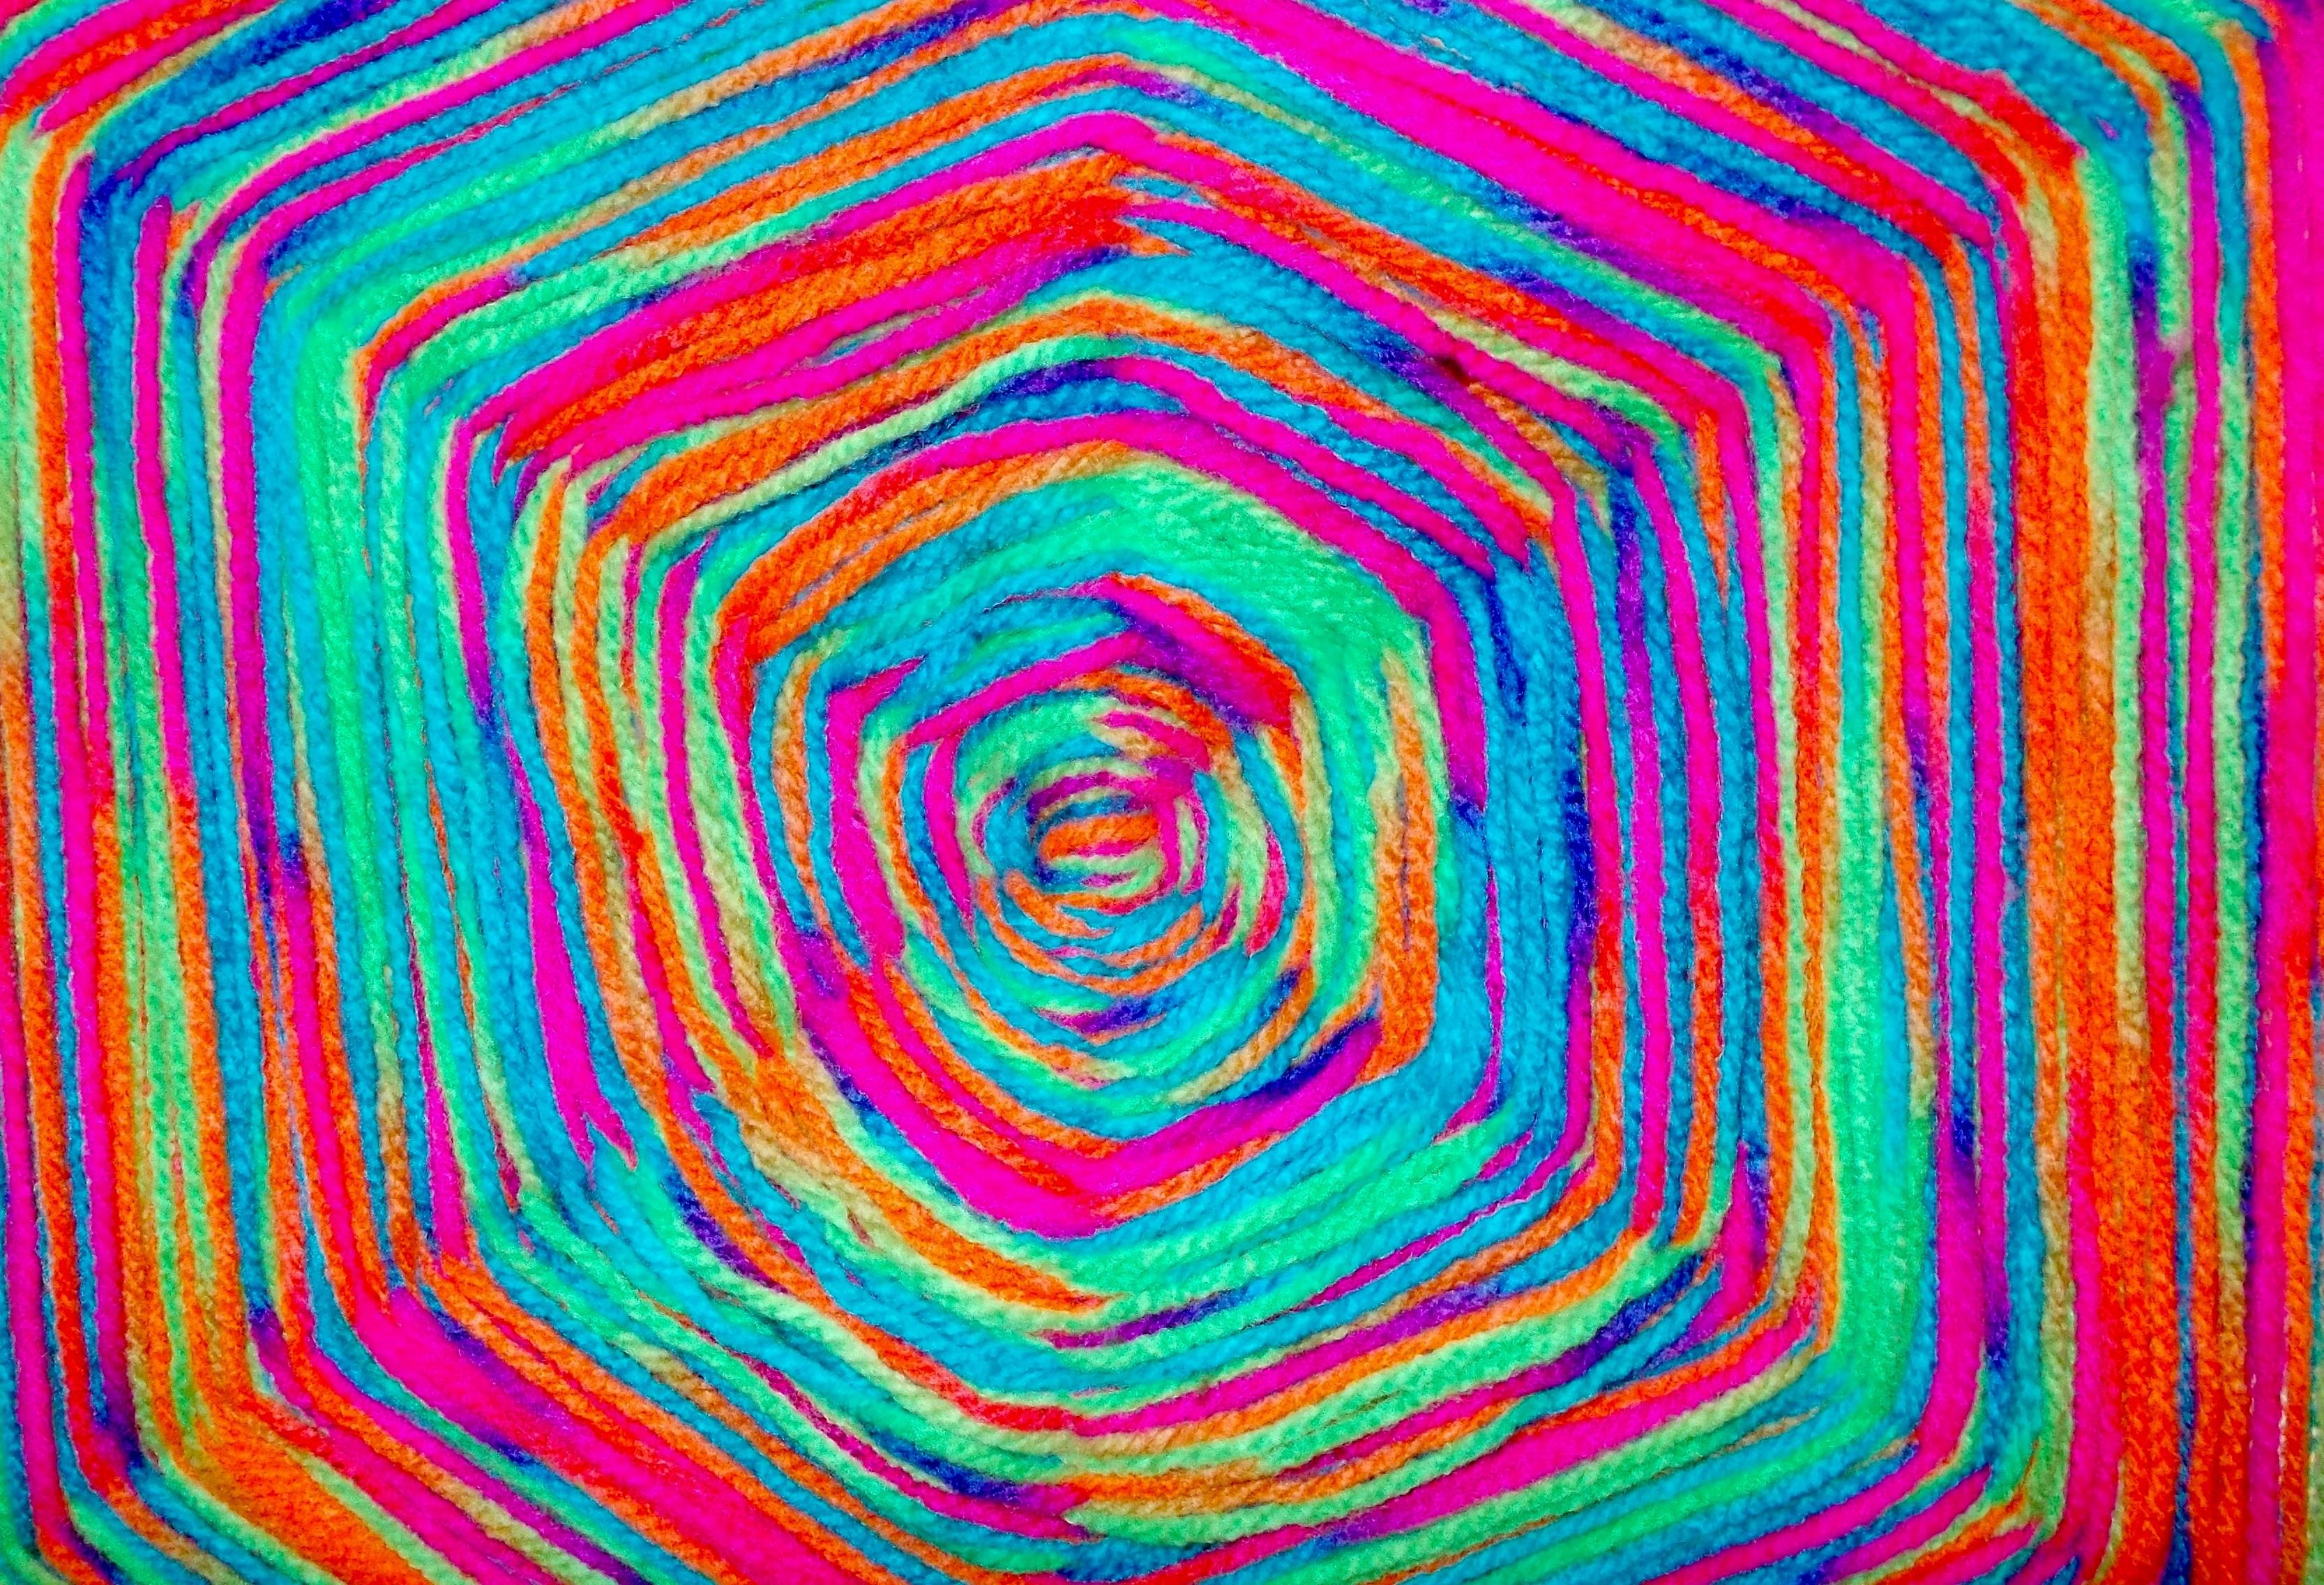 Unduh 7800 Gambar Garis Spiral Paling Bagus Gratis HD